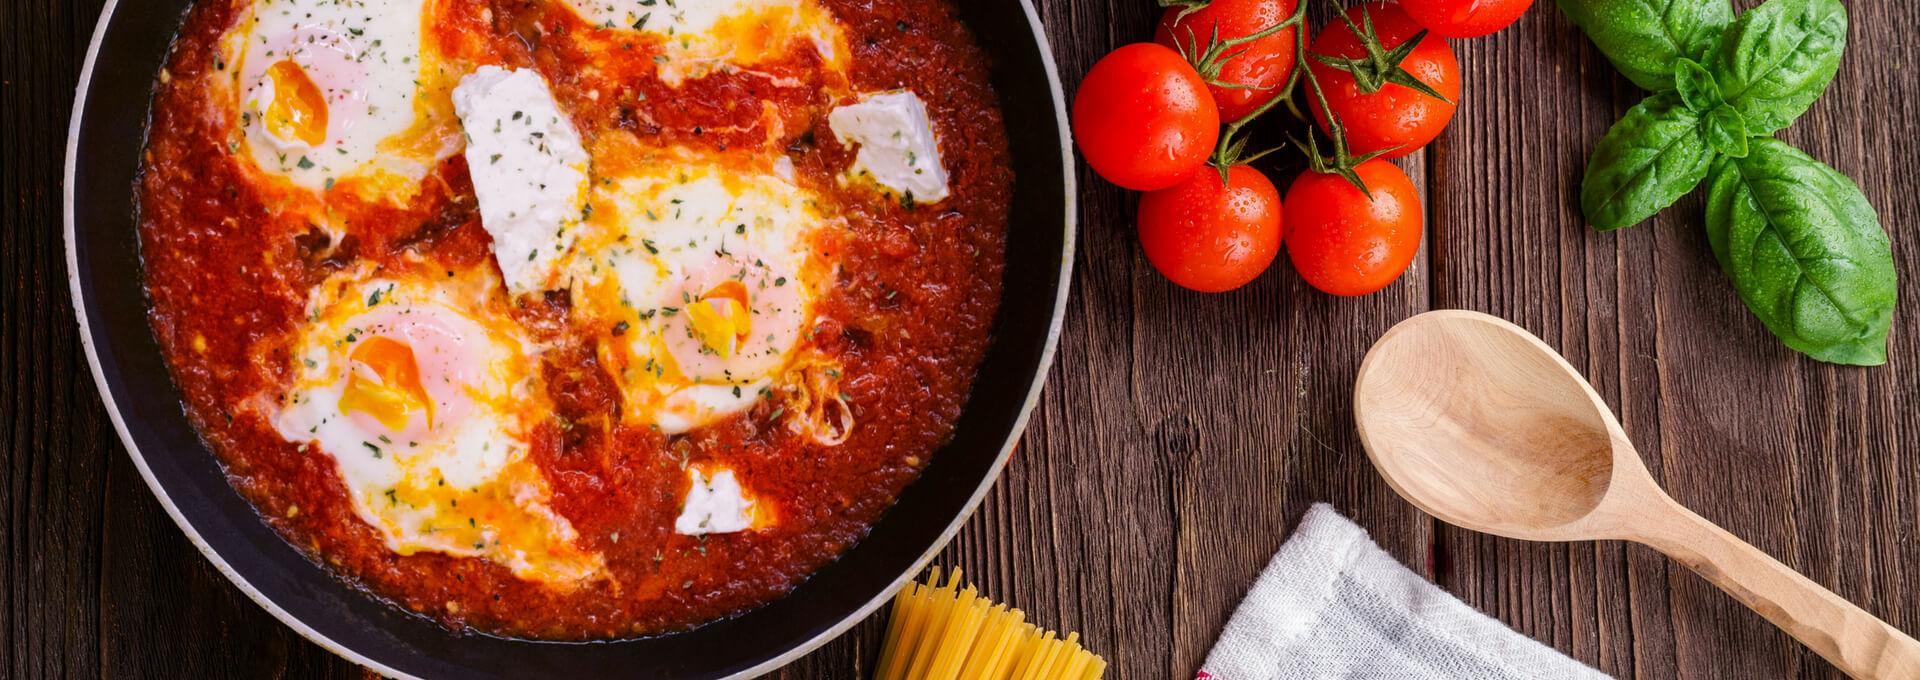 kuchnia jajecznica dieta zdrowe jedzenie lifestyle styl życia z worldmaster kitchen, przepisy kulinarne, kuchnia polska, jedzenie dietetyczne, zdrowa dieta, bezglutenowa dieta